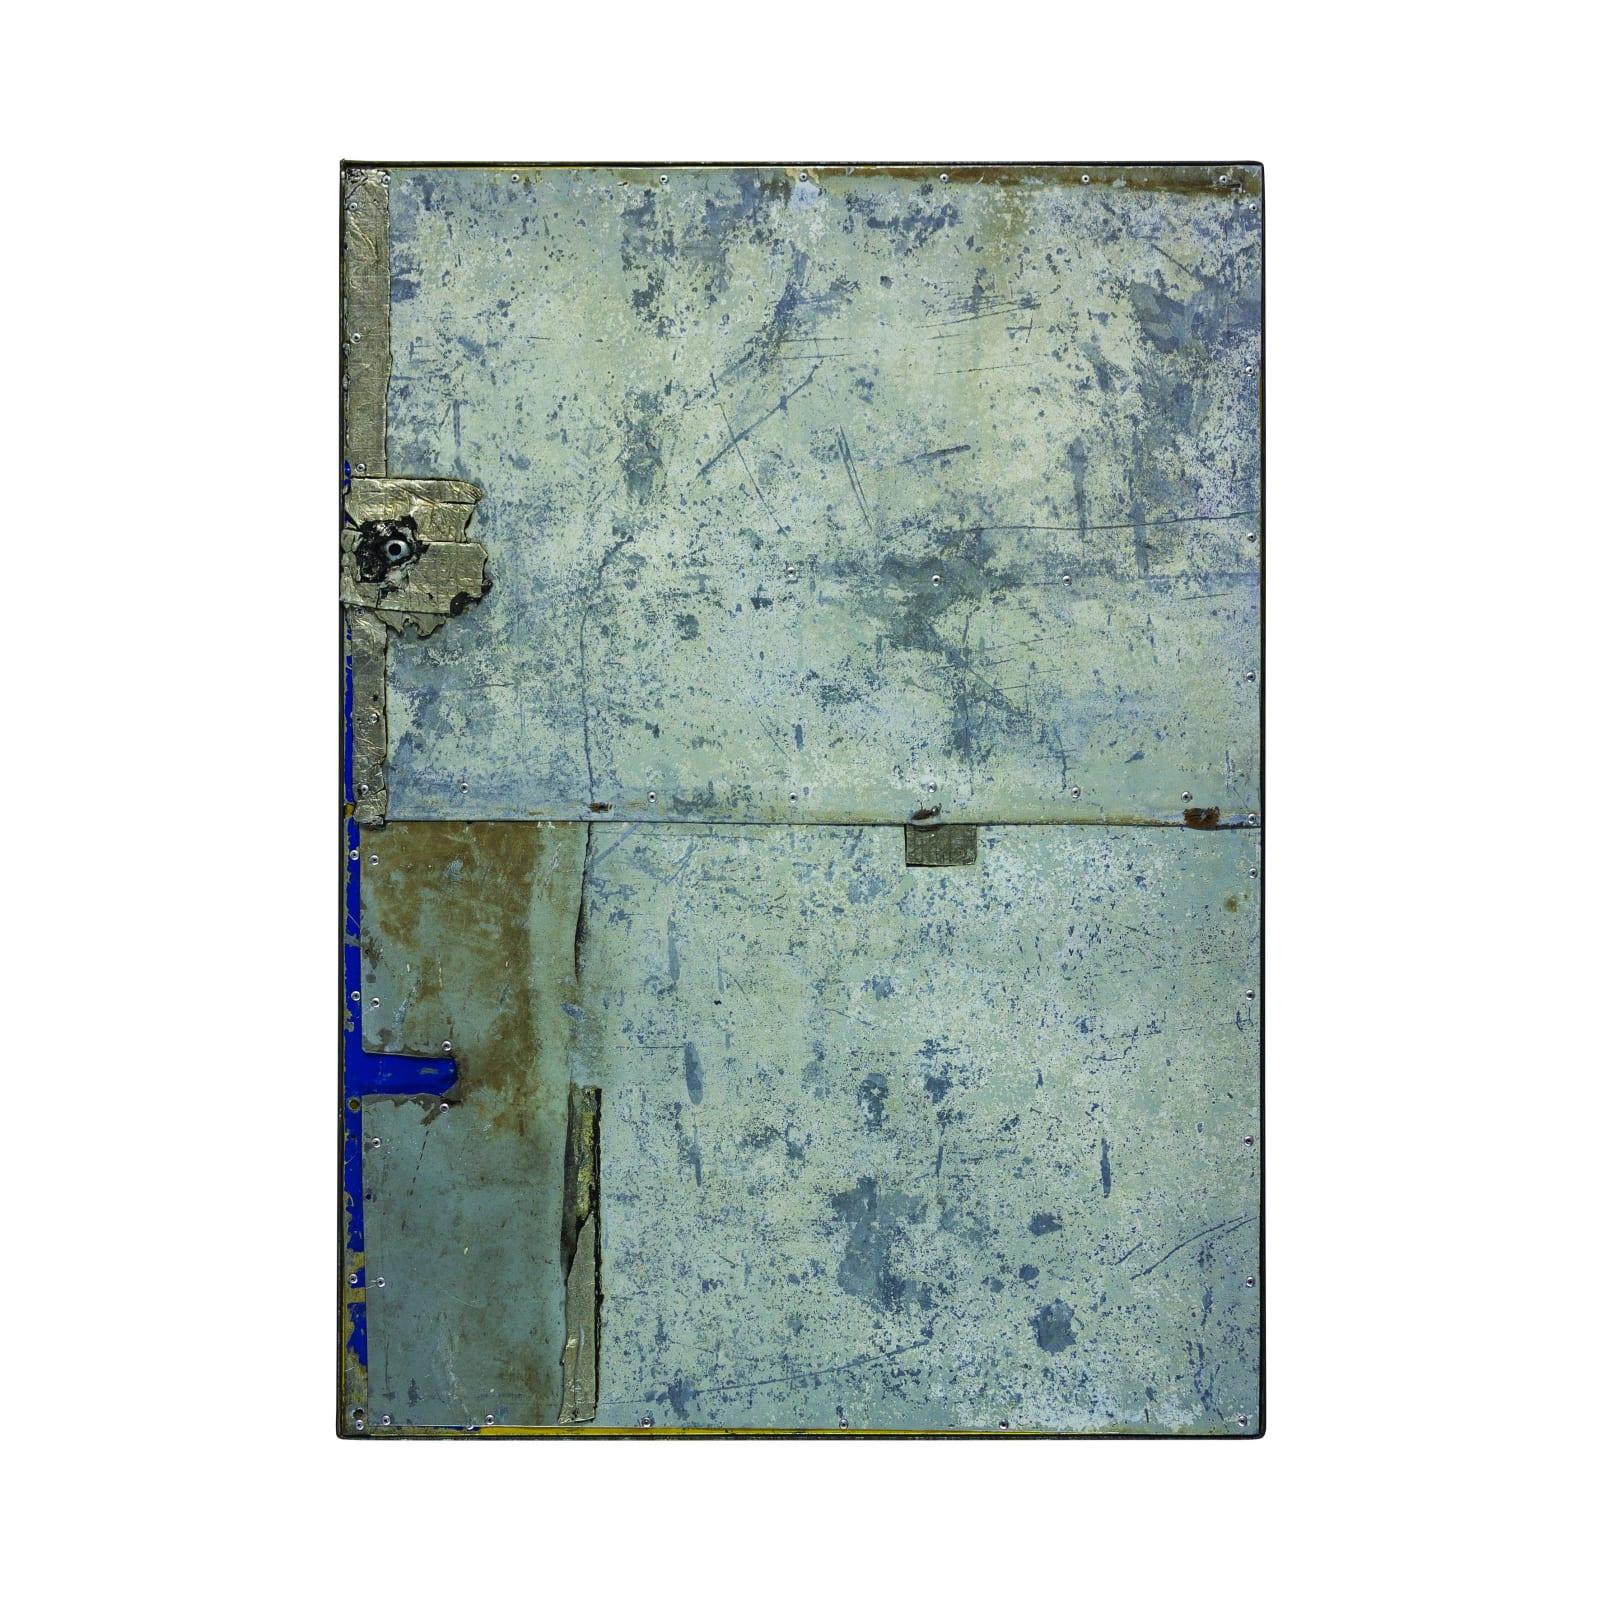 Marc do Nascimento Grundrisse 02, da série questão de ordem (2018) aço, alumínio, esmalte sintético, manta asfáltica, ferragens 100 x 90 x 4 cm